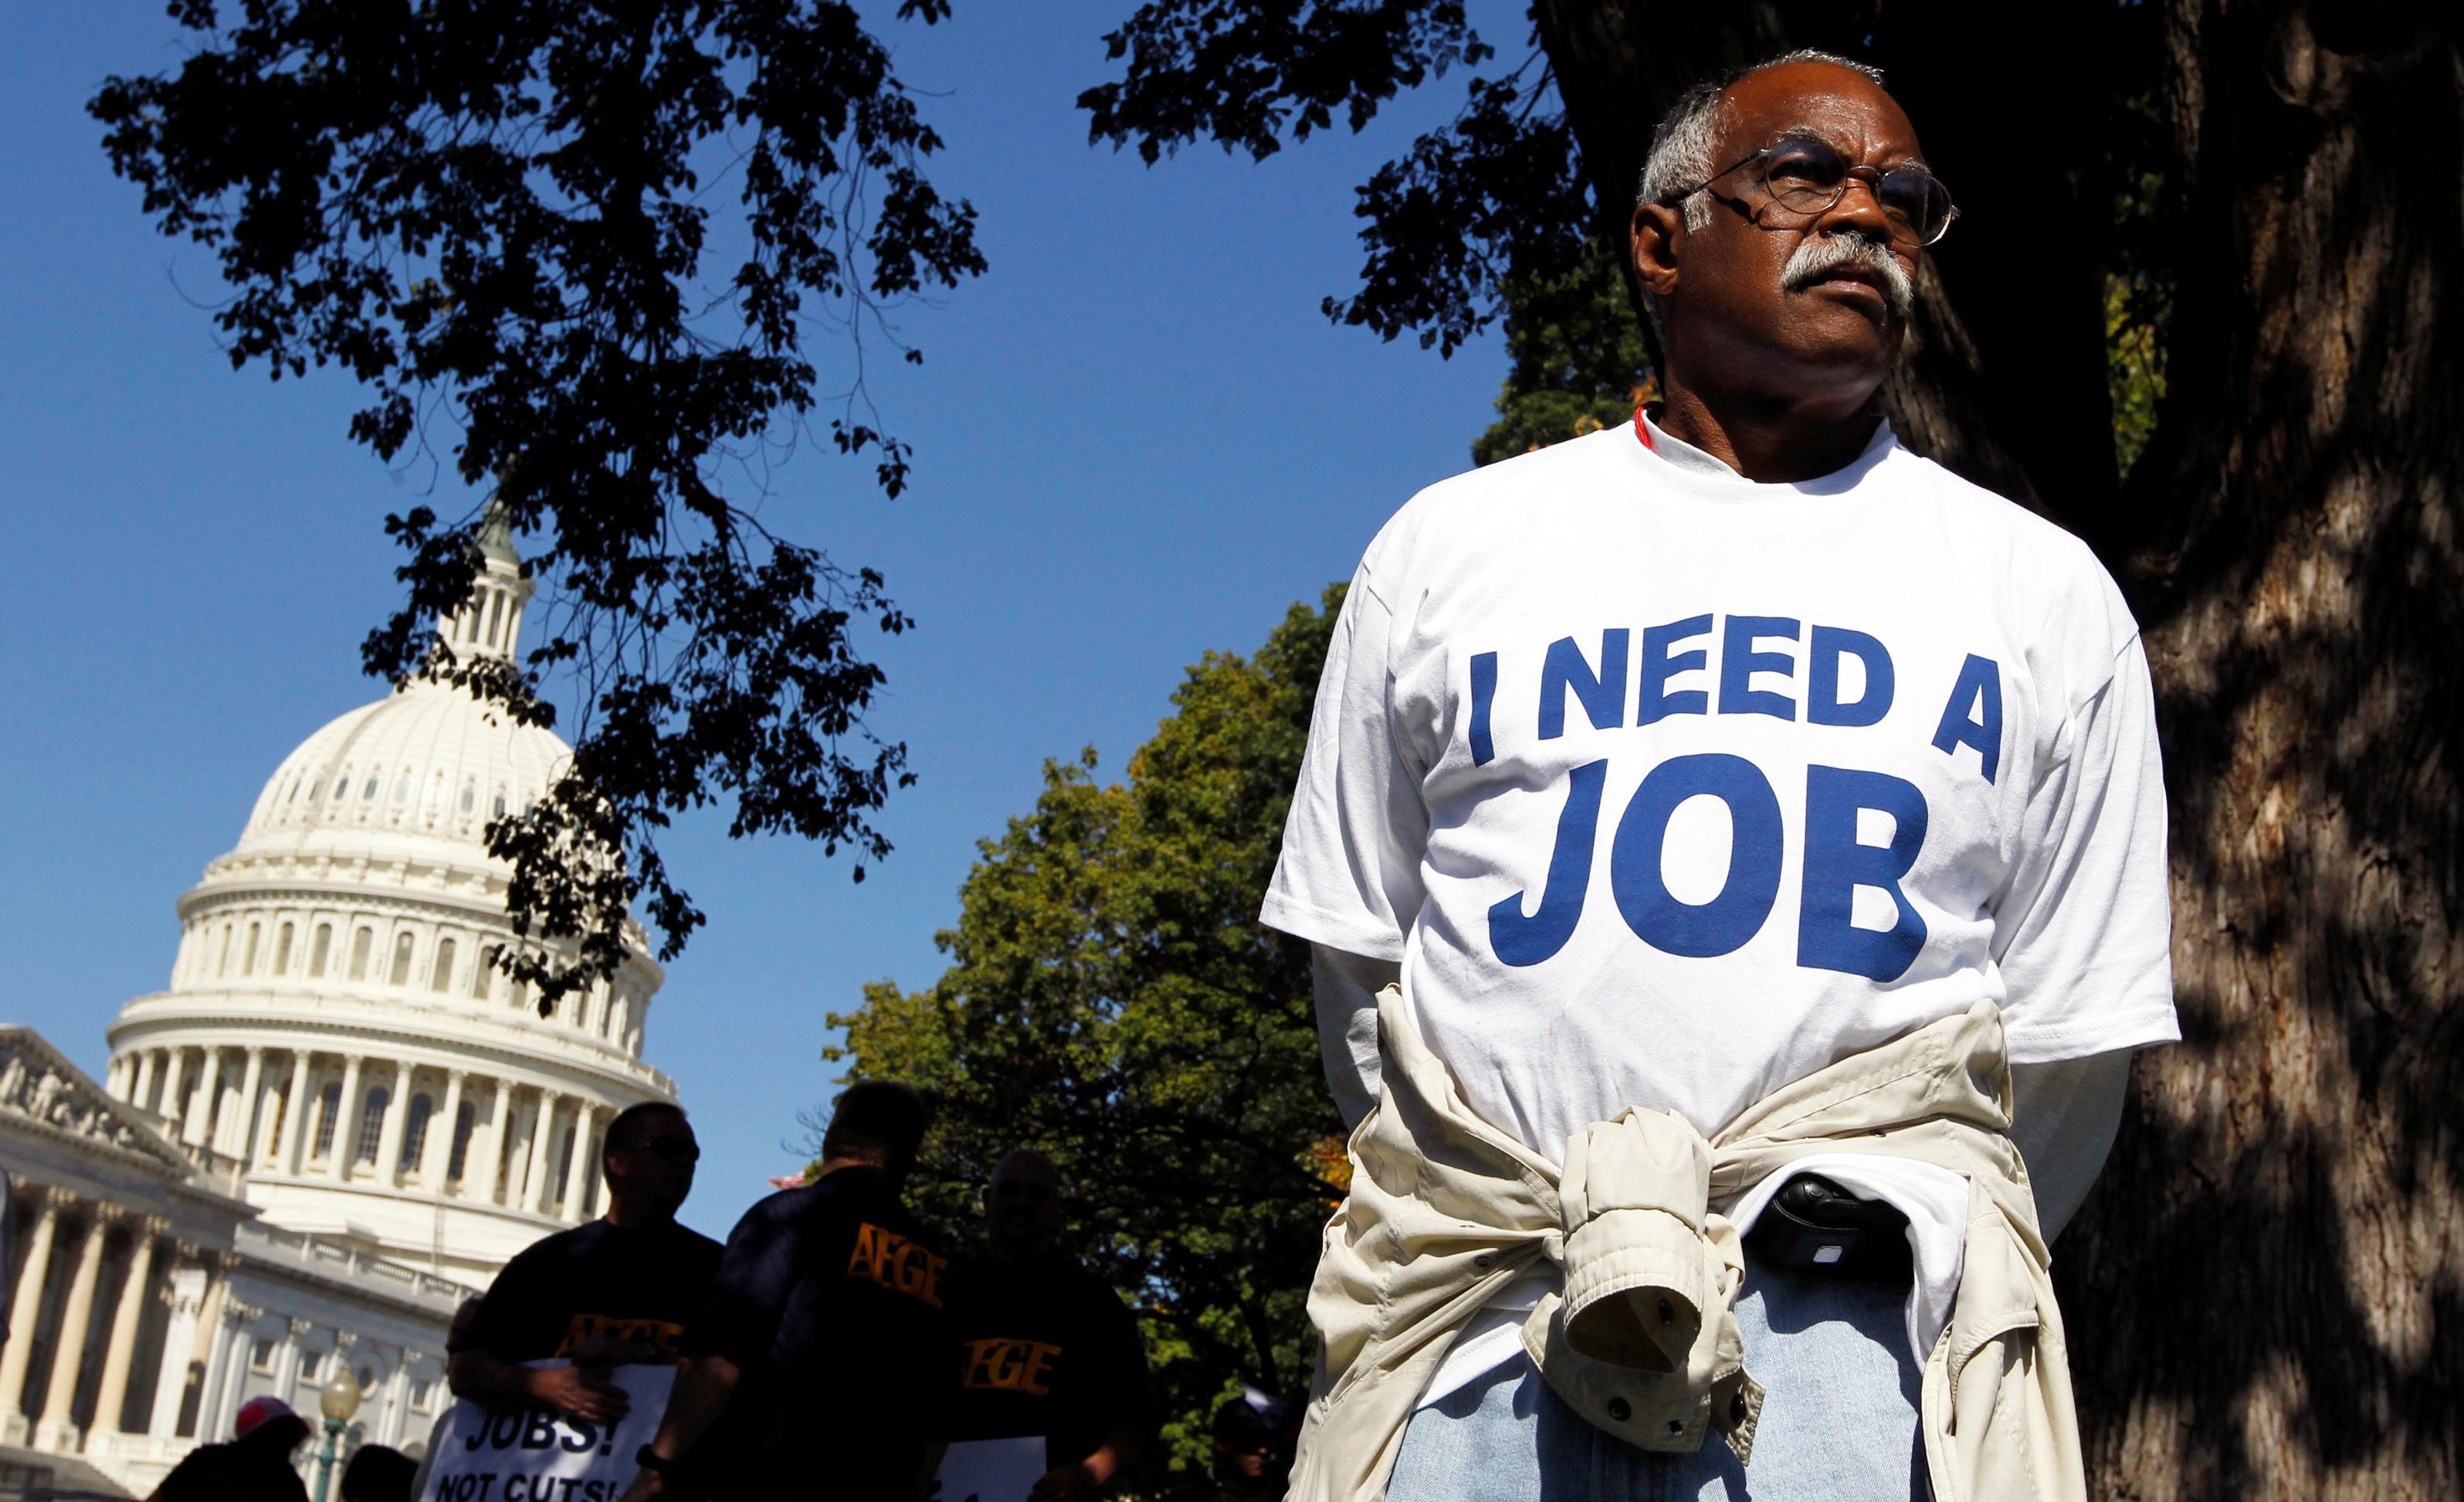 Безработица в США обновляет максимумы с 1934 года